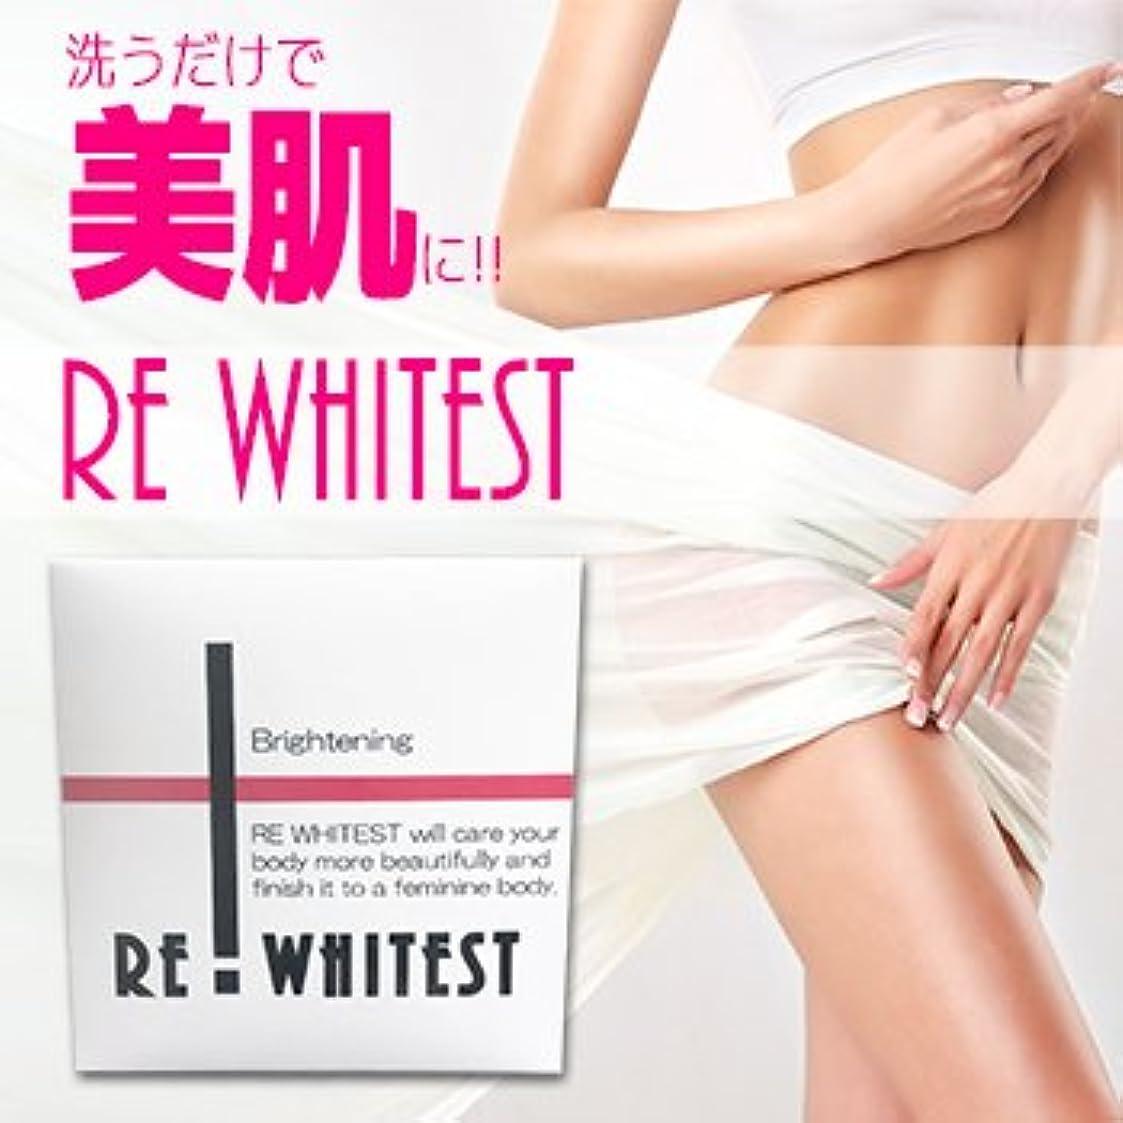 ストロー古代パースブラックボロウパパイン+イソフラボン配合女性用美肌石鹸 REWHITEST-リホワイテスト-